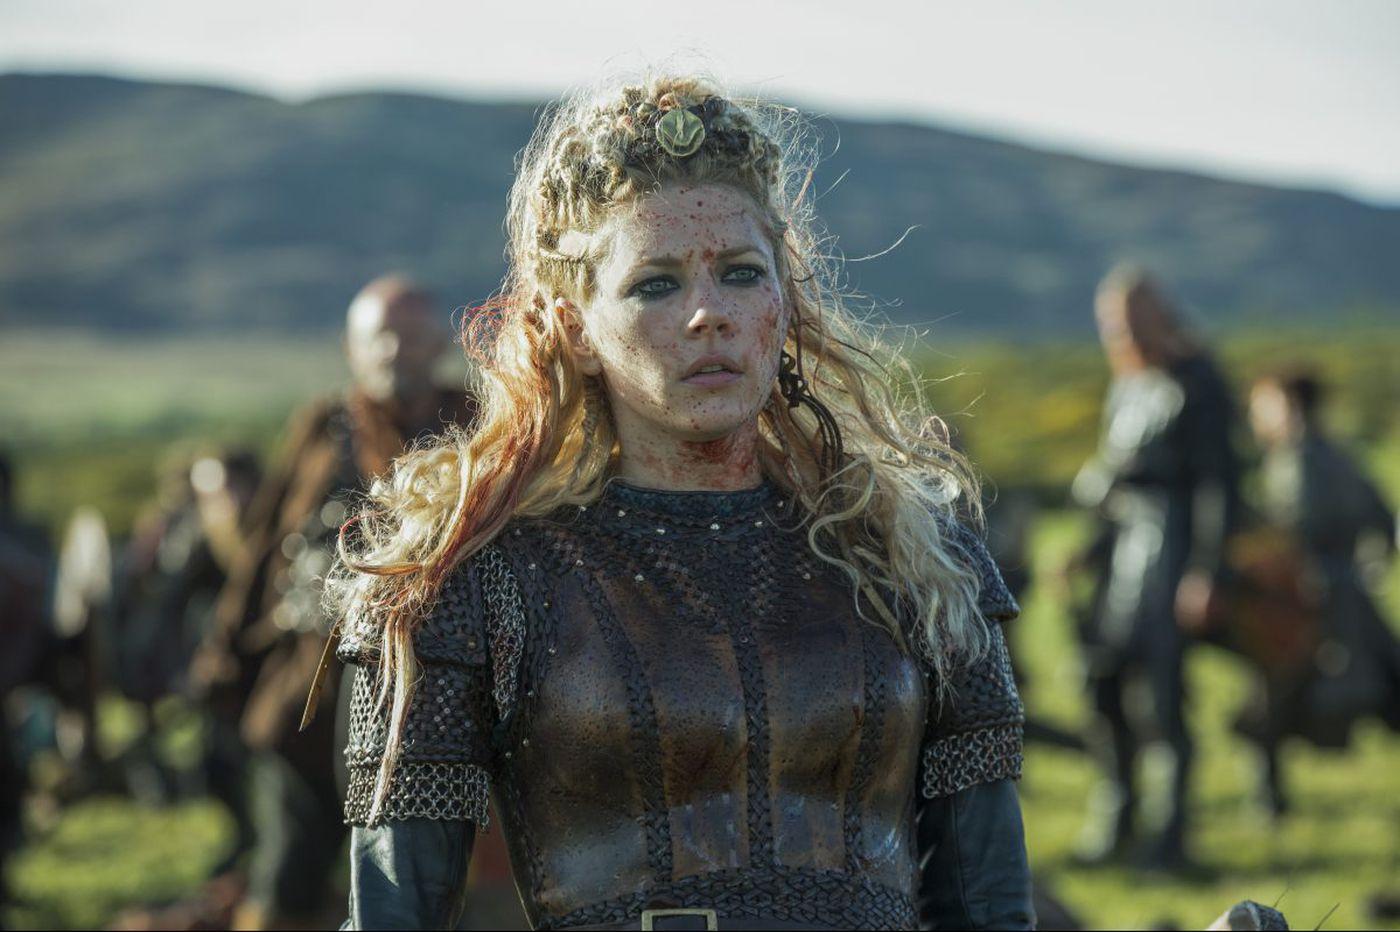 TV picks: 'Marvelous Mrs. Maisel,' the return of 'Vikings' and more